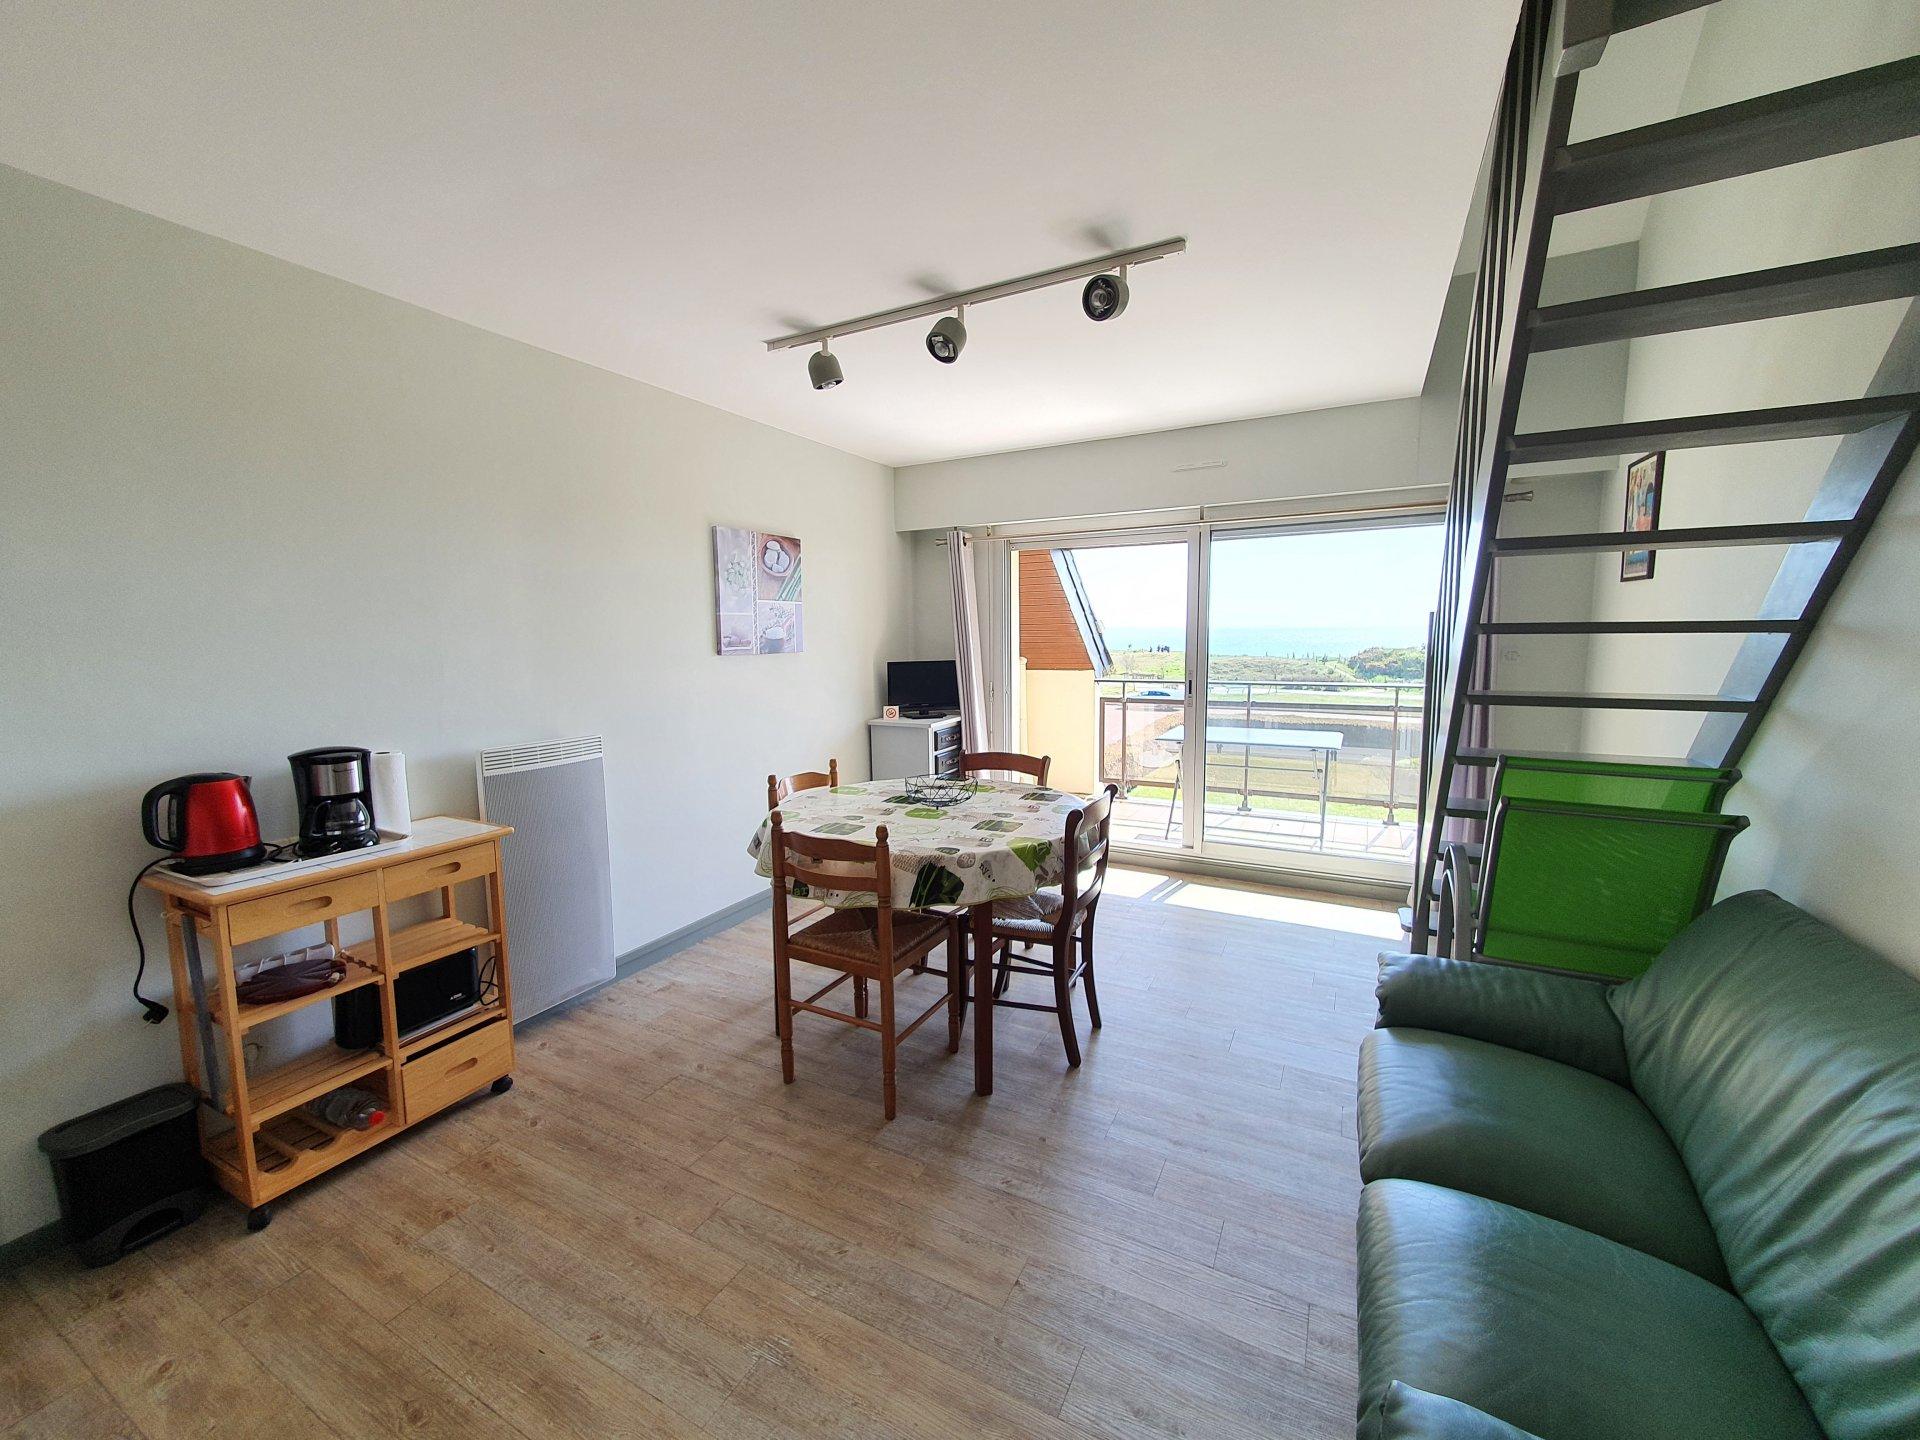 Appartement à louer à Damgan Vue sur mer - Appartement T3